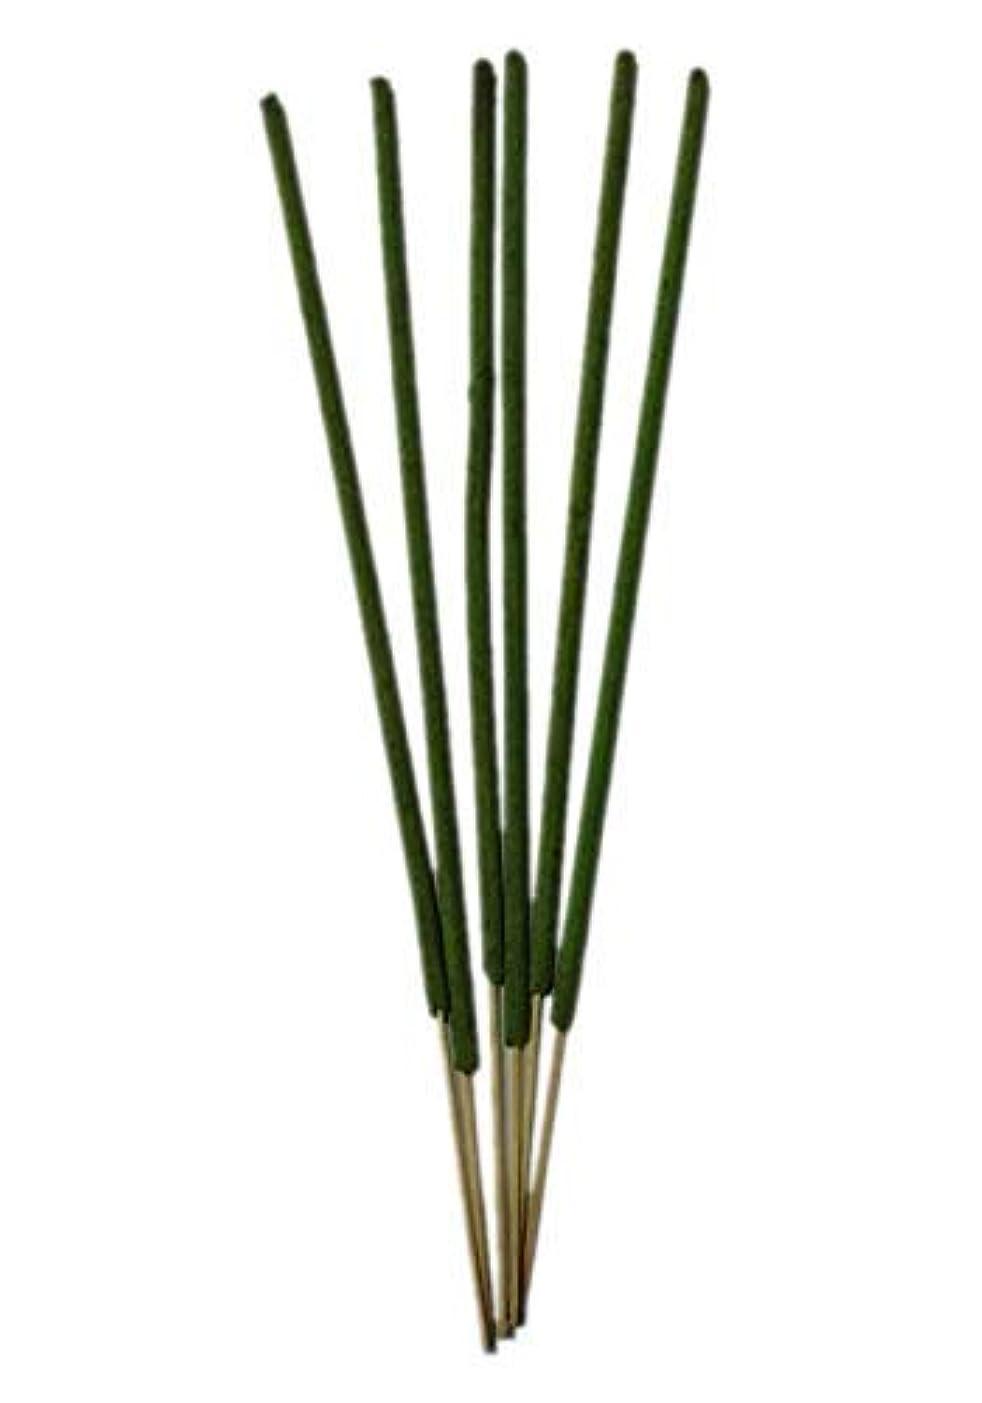 けがをする発動機ここにAMUL Agarbatti Green Incense Sticks (1 Kg. Pack)